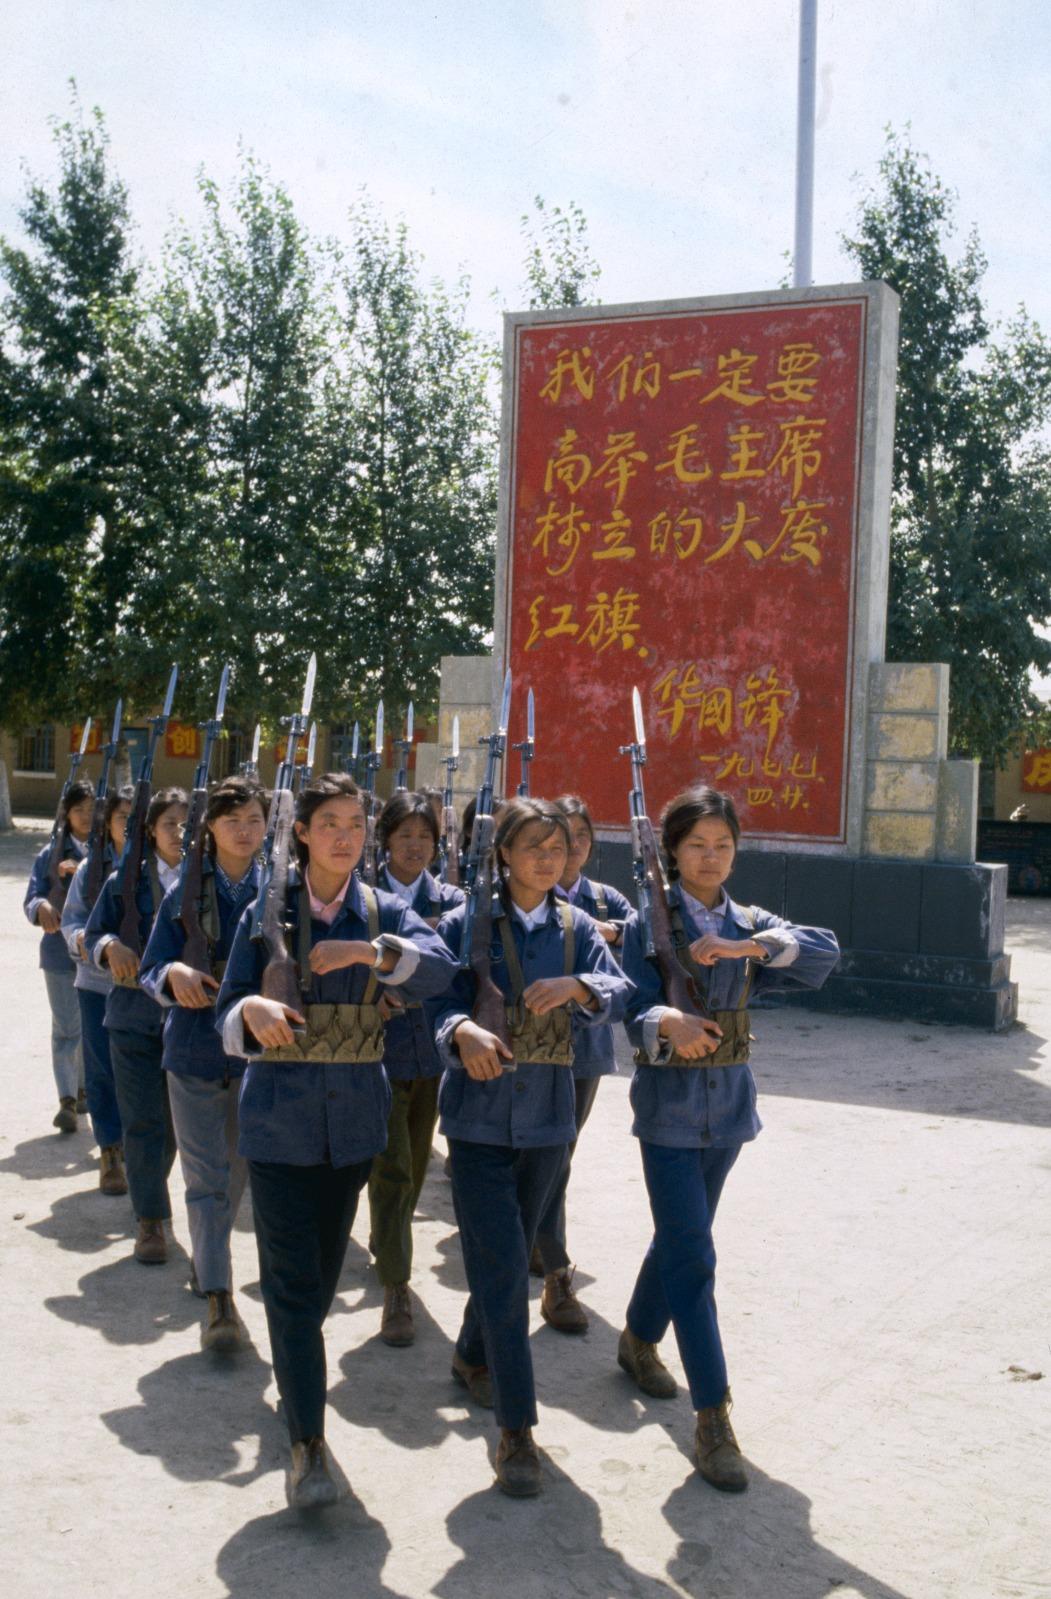 這些女民兵,在大慶石油工作,工作以外接受軍事訓練。圖片攝於1979年。(圖片來源:Getty)